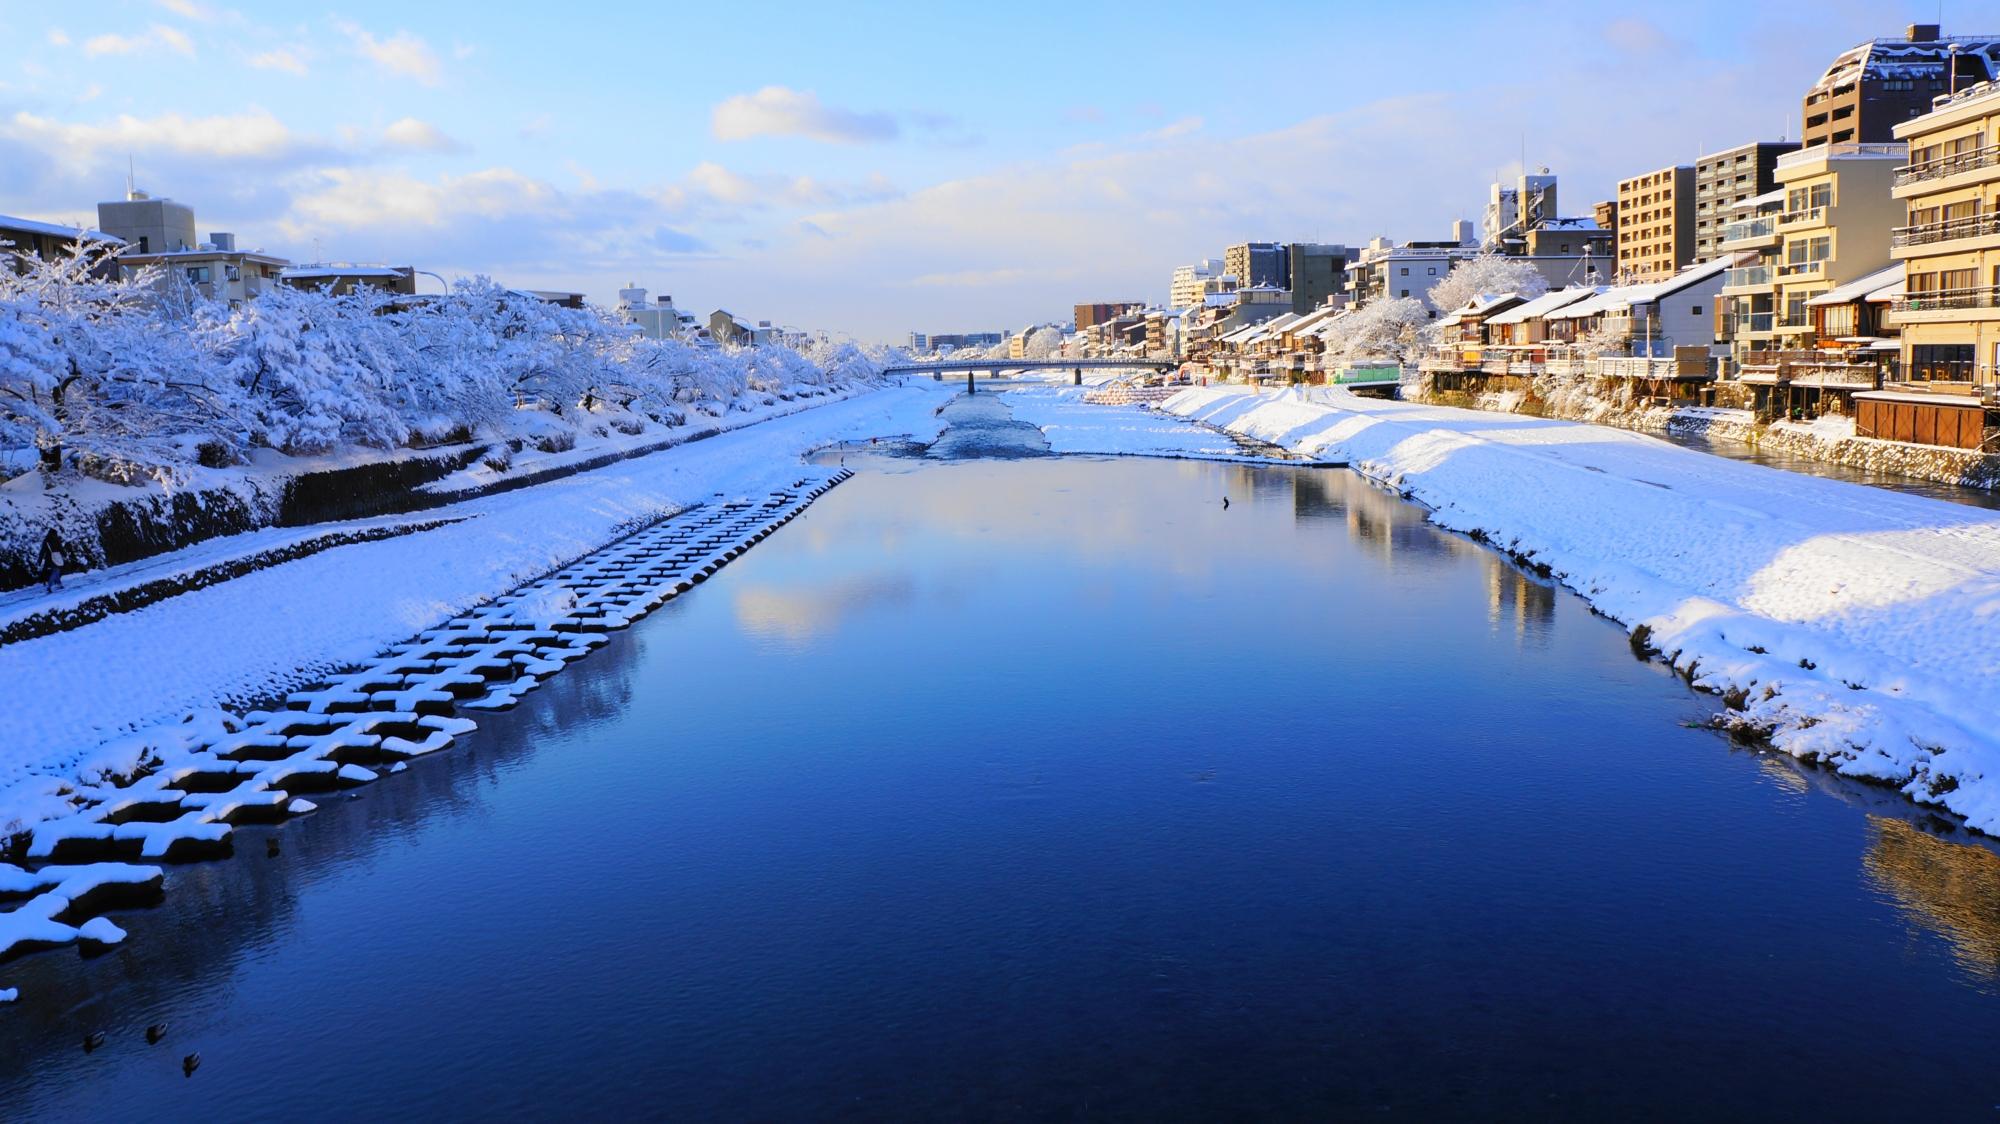 穏やかで美しい鴨川の雪景色